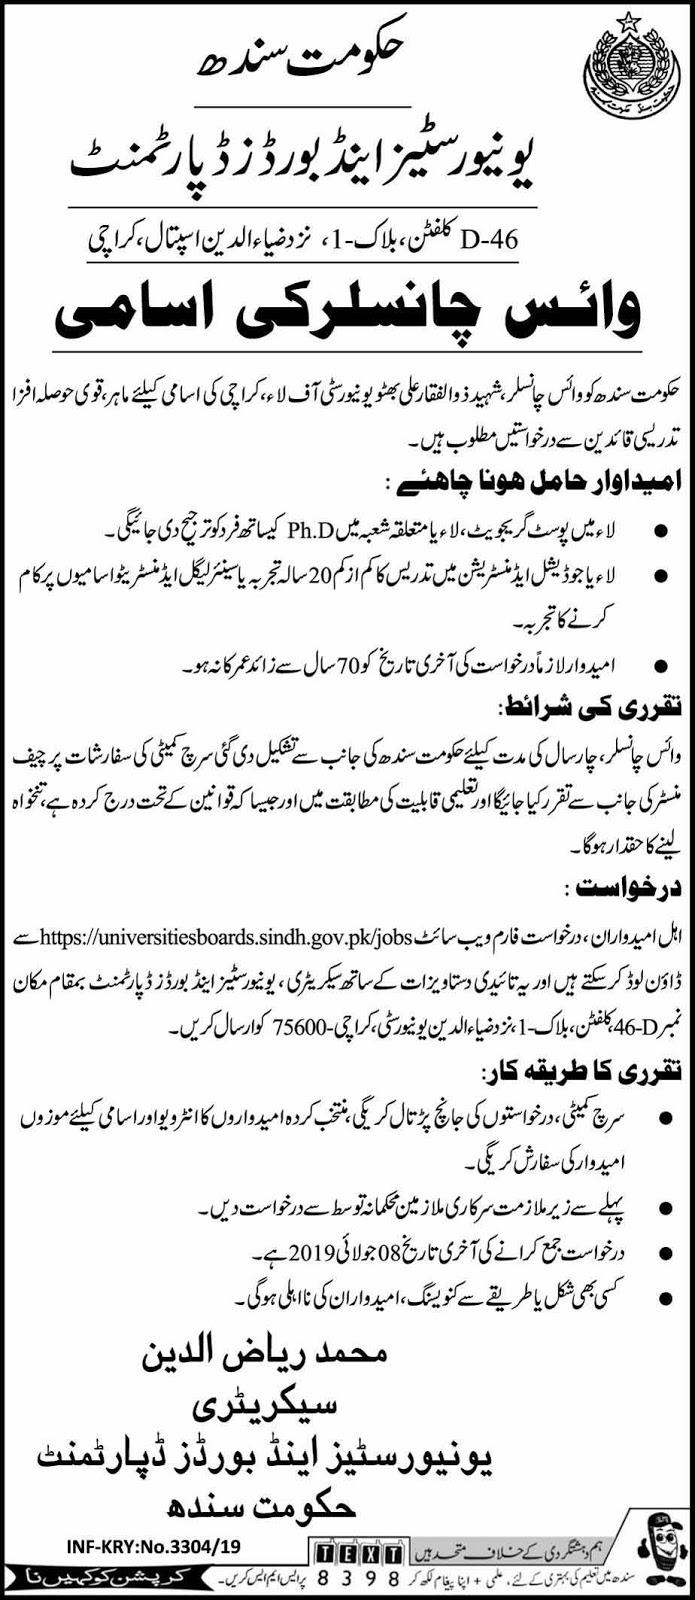 Jobs In Universities and Boards Department Govt of Sindh 20 Jun 2019